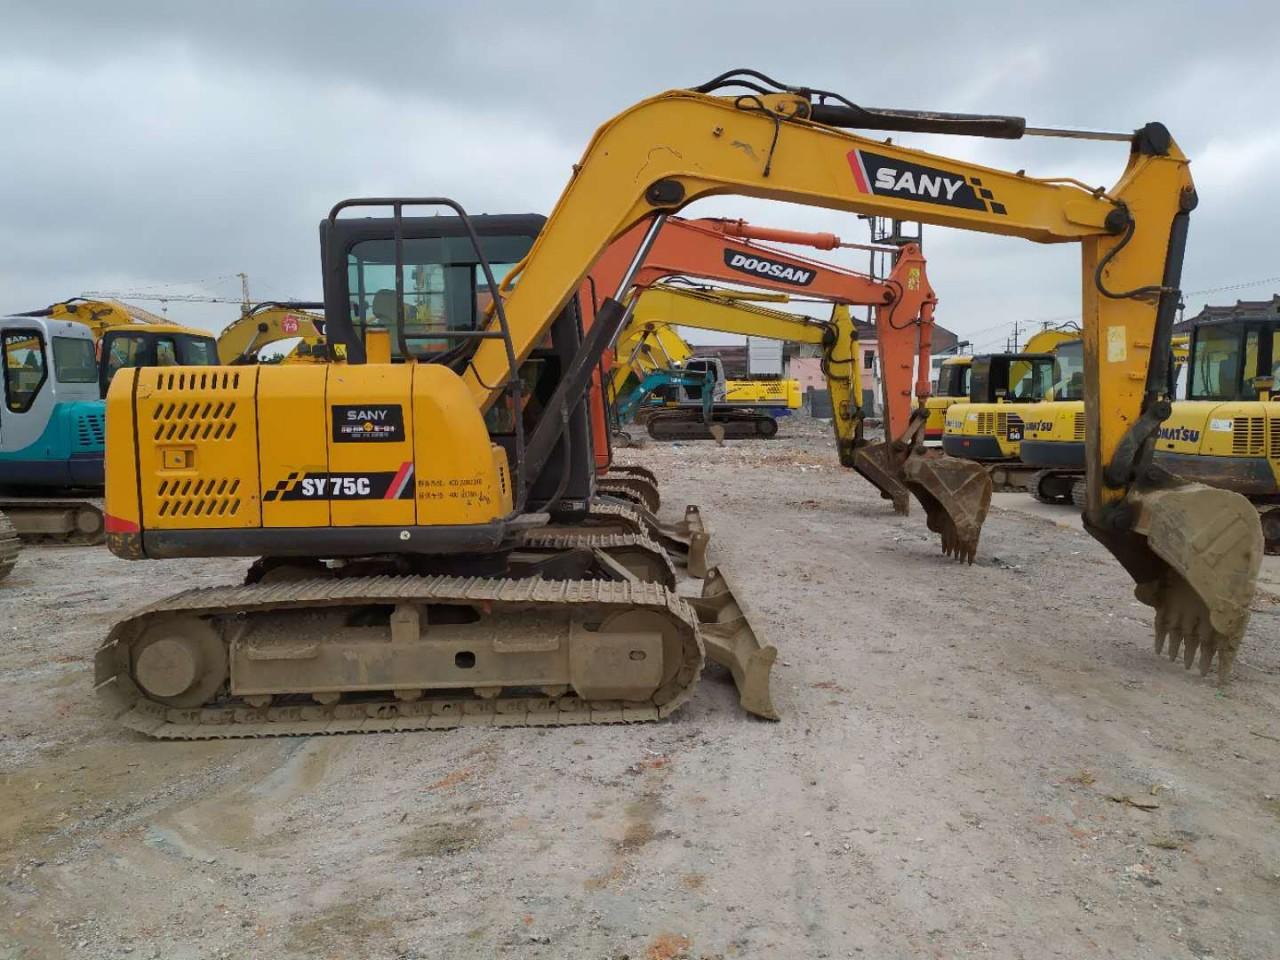 武汉二手挖掘机市场,转让二手三一75、135和215挖掘机,现货齐全